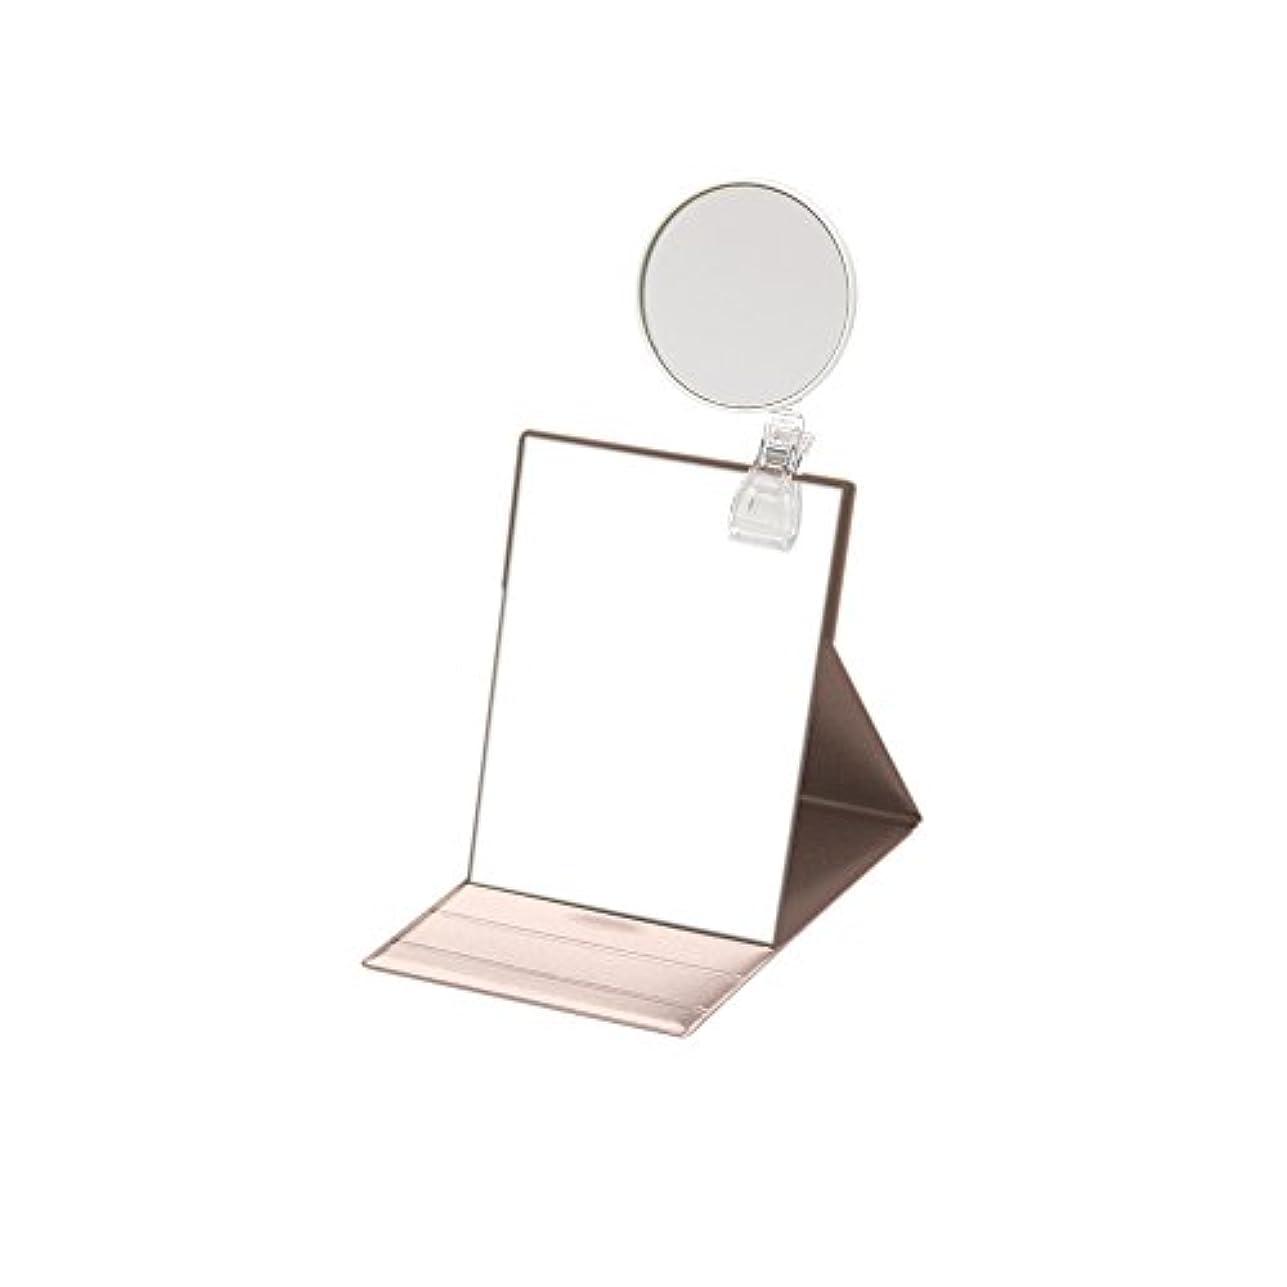 ナピュアミラー 5倍拡大鏡付きプロモデル折立ナピュアミラーM ピンクゴールド HP-34×5